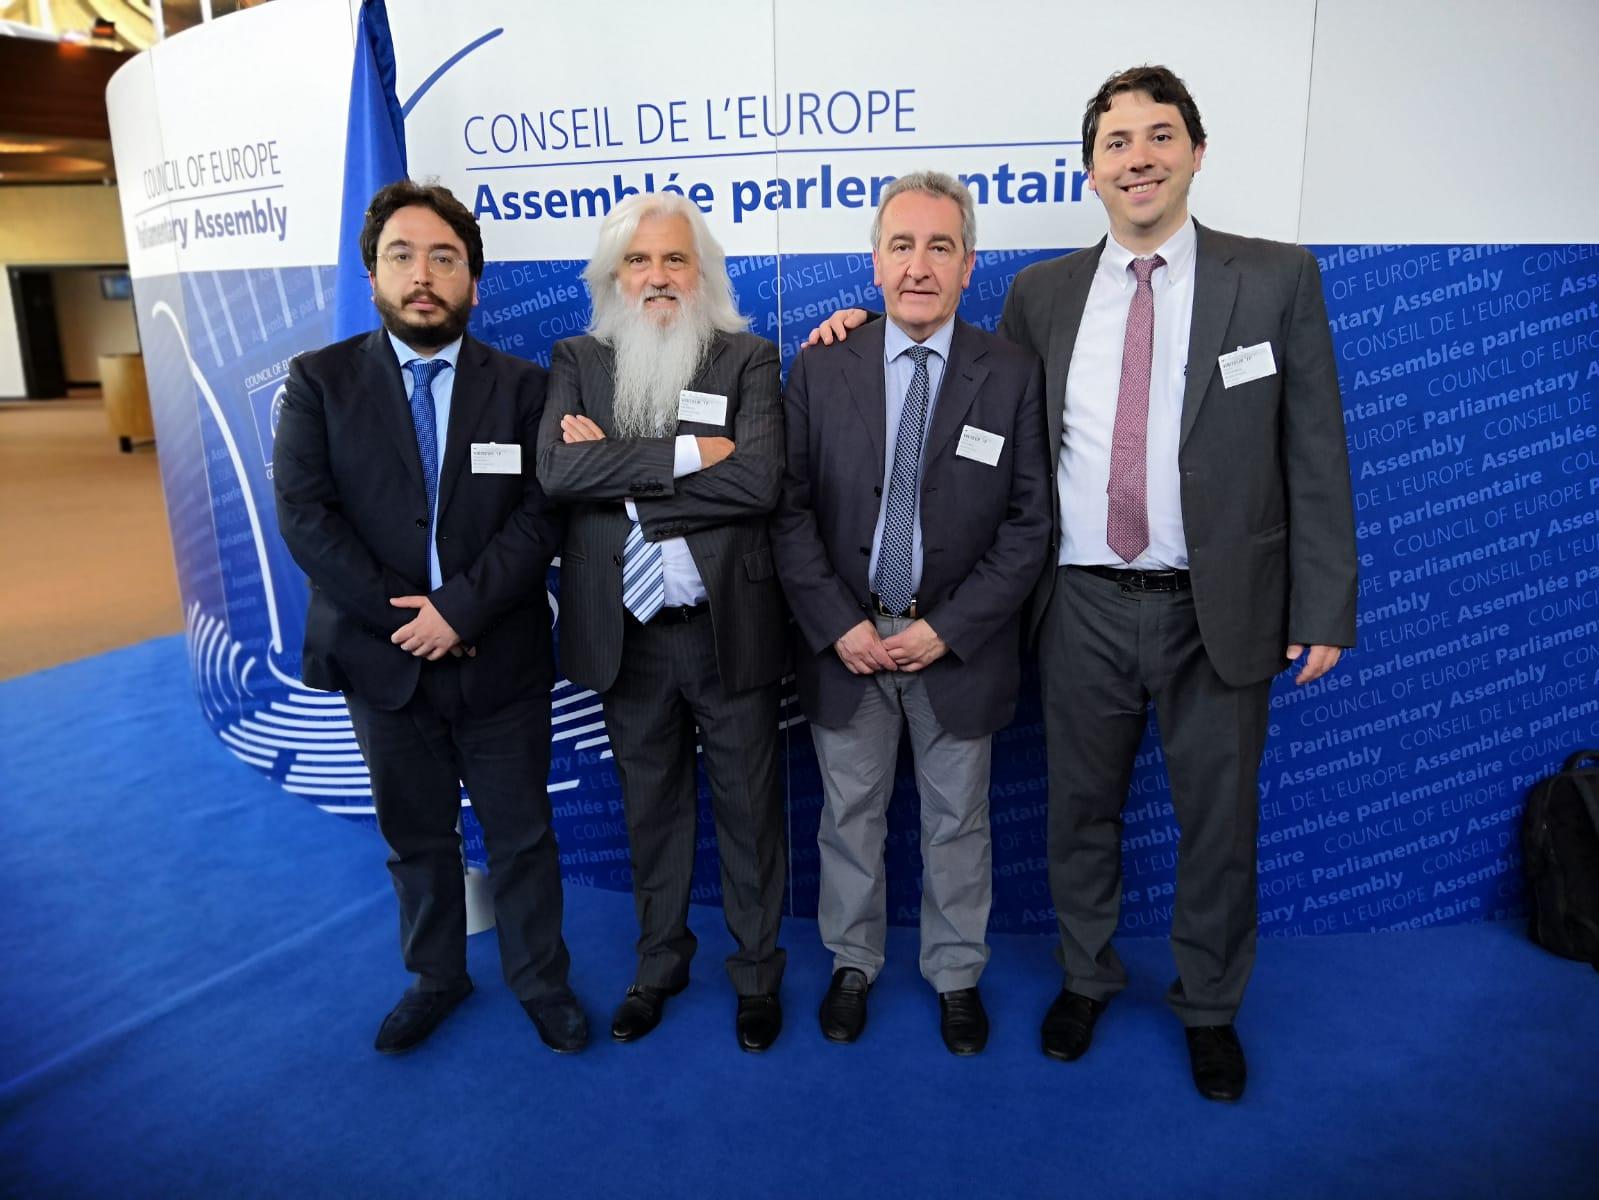 Bartumeu tracta amb polítics europeus a Estrasburg de l'acord d'associació